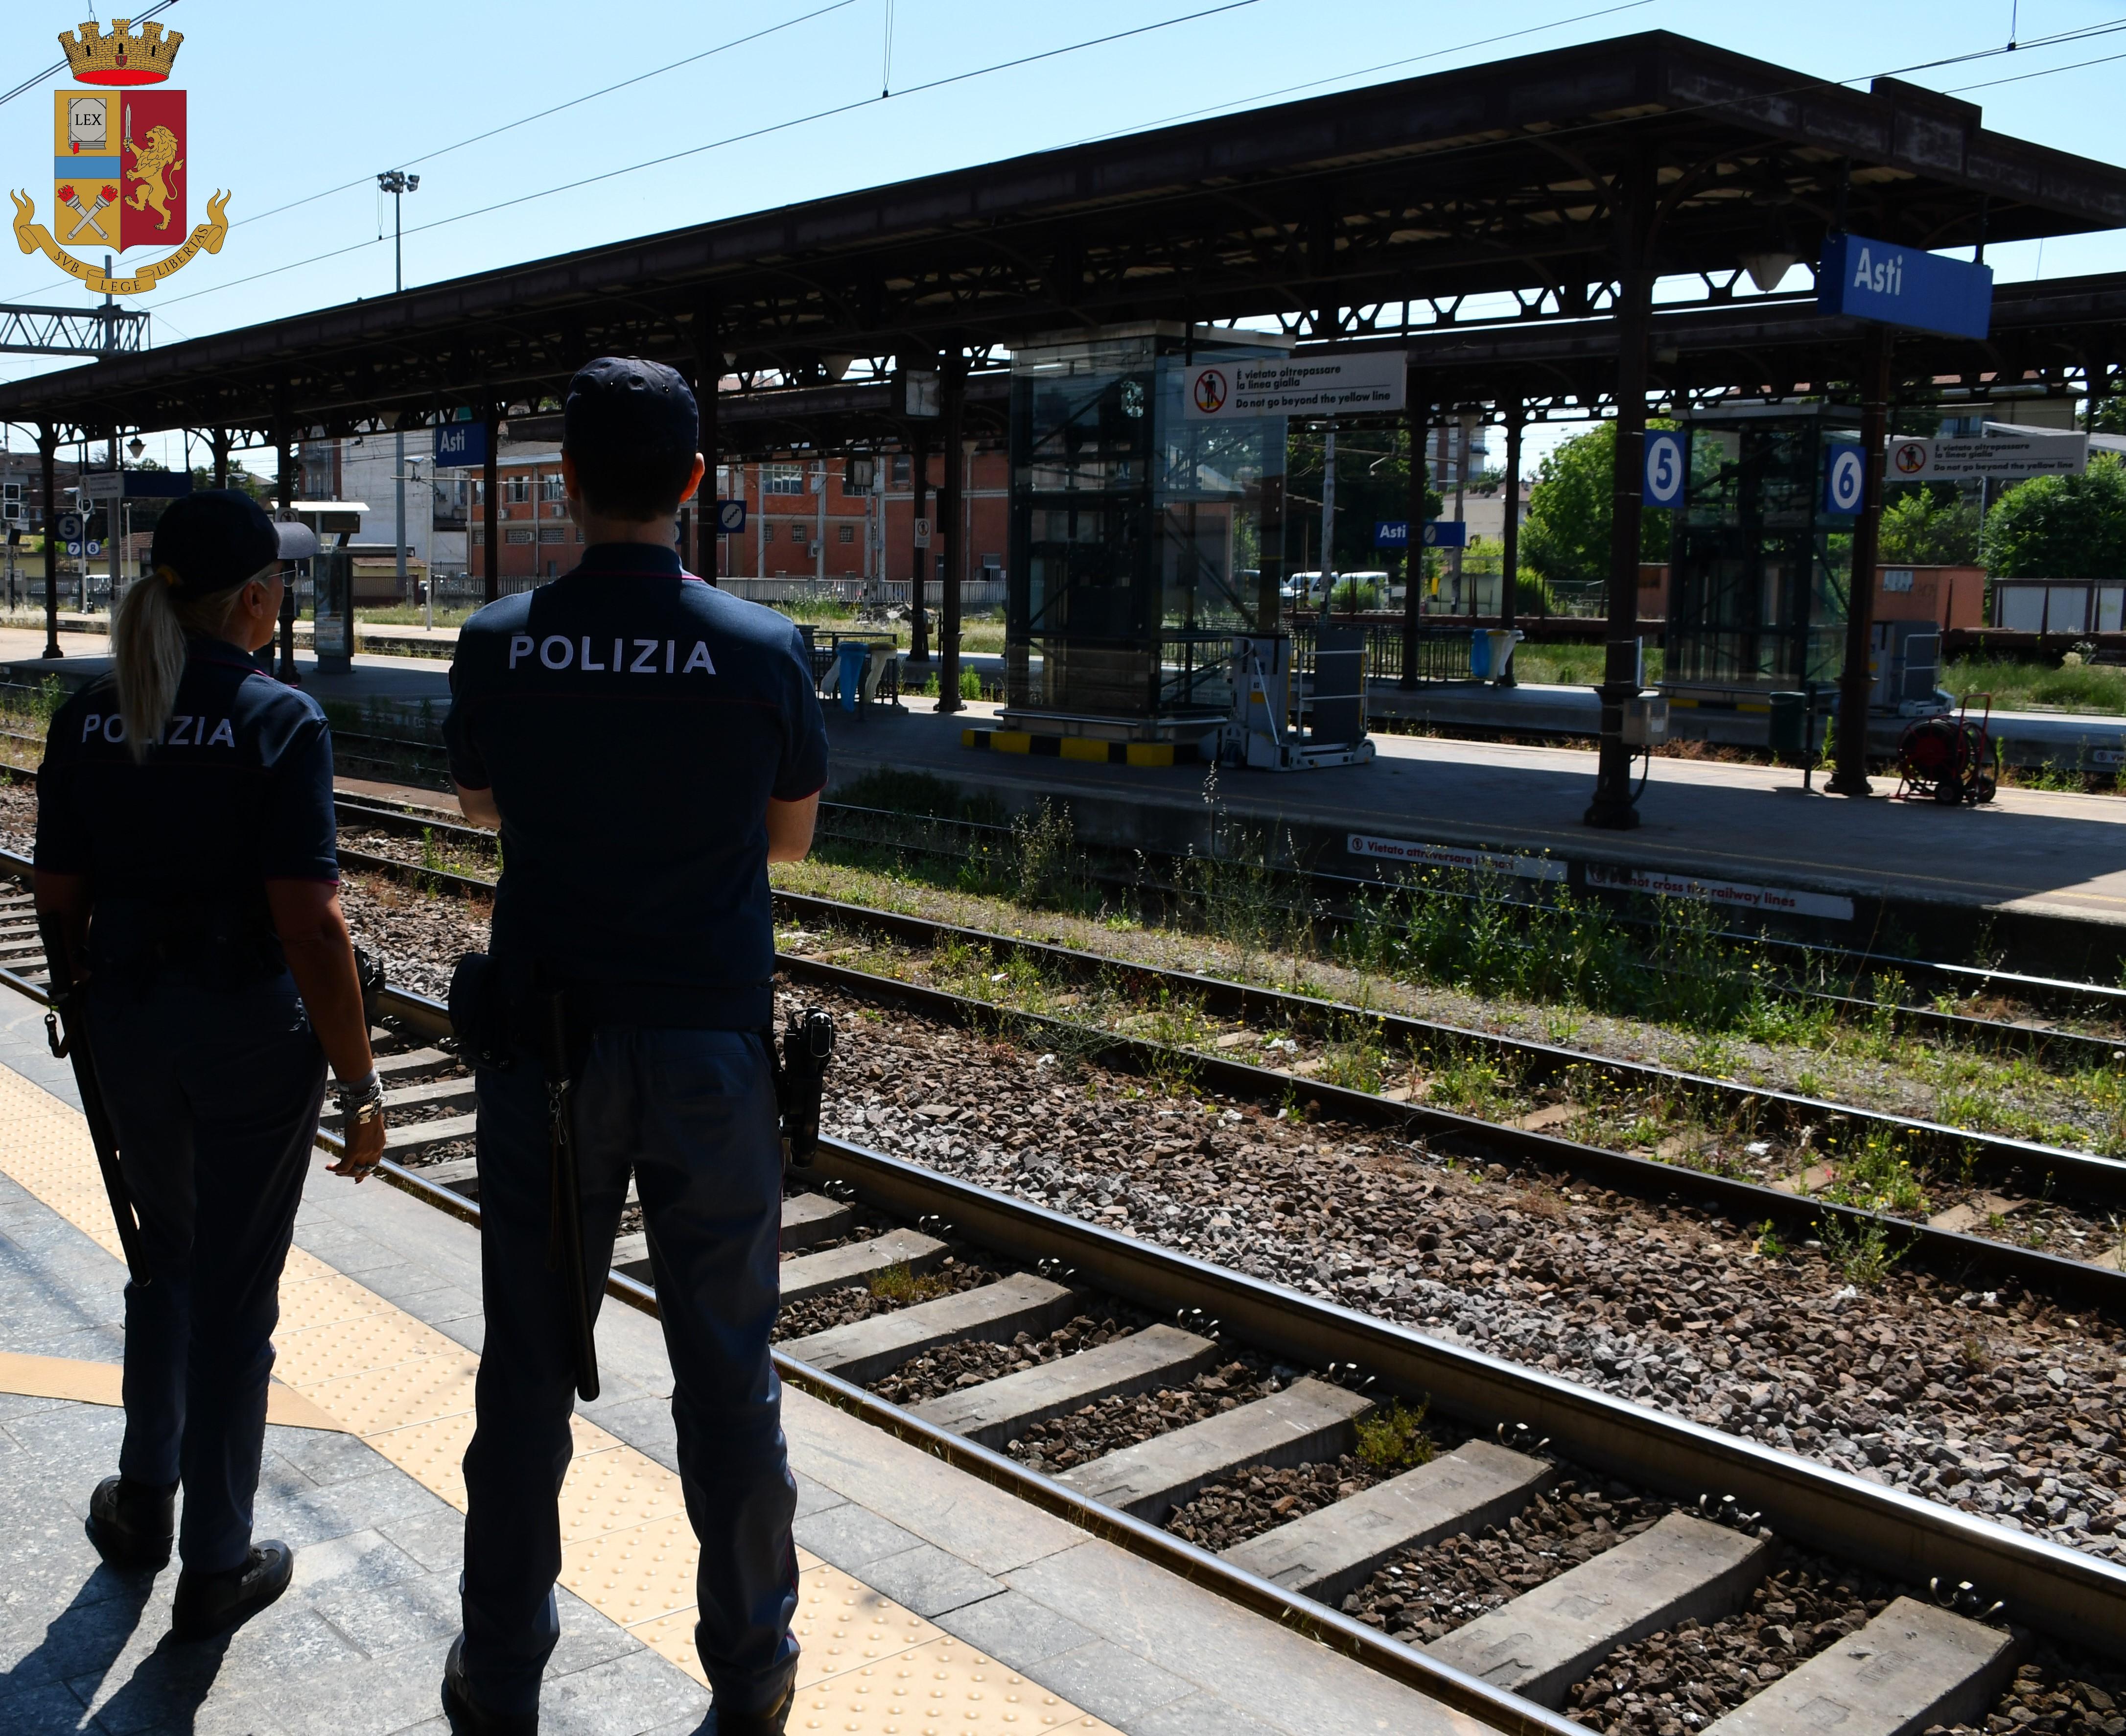 Ordine Di Carcerazione Rintracciato In Stazione Di Asti Dalla Polizia Di Stato